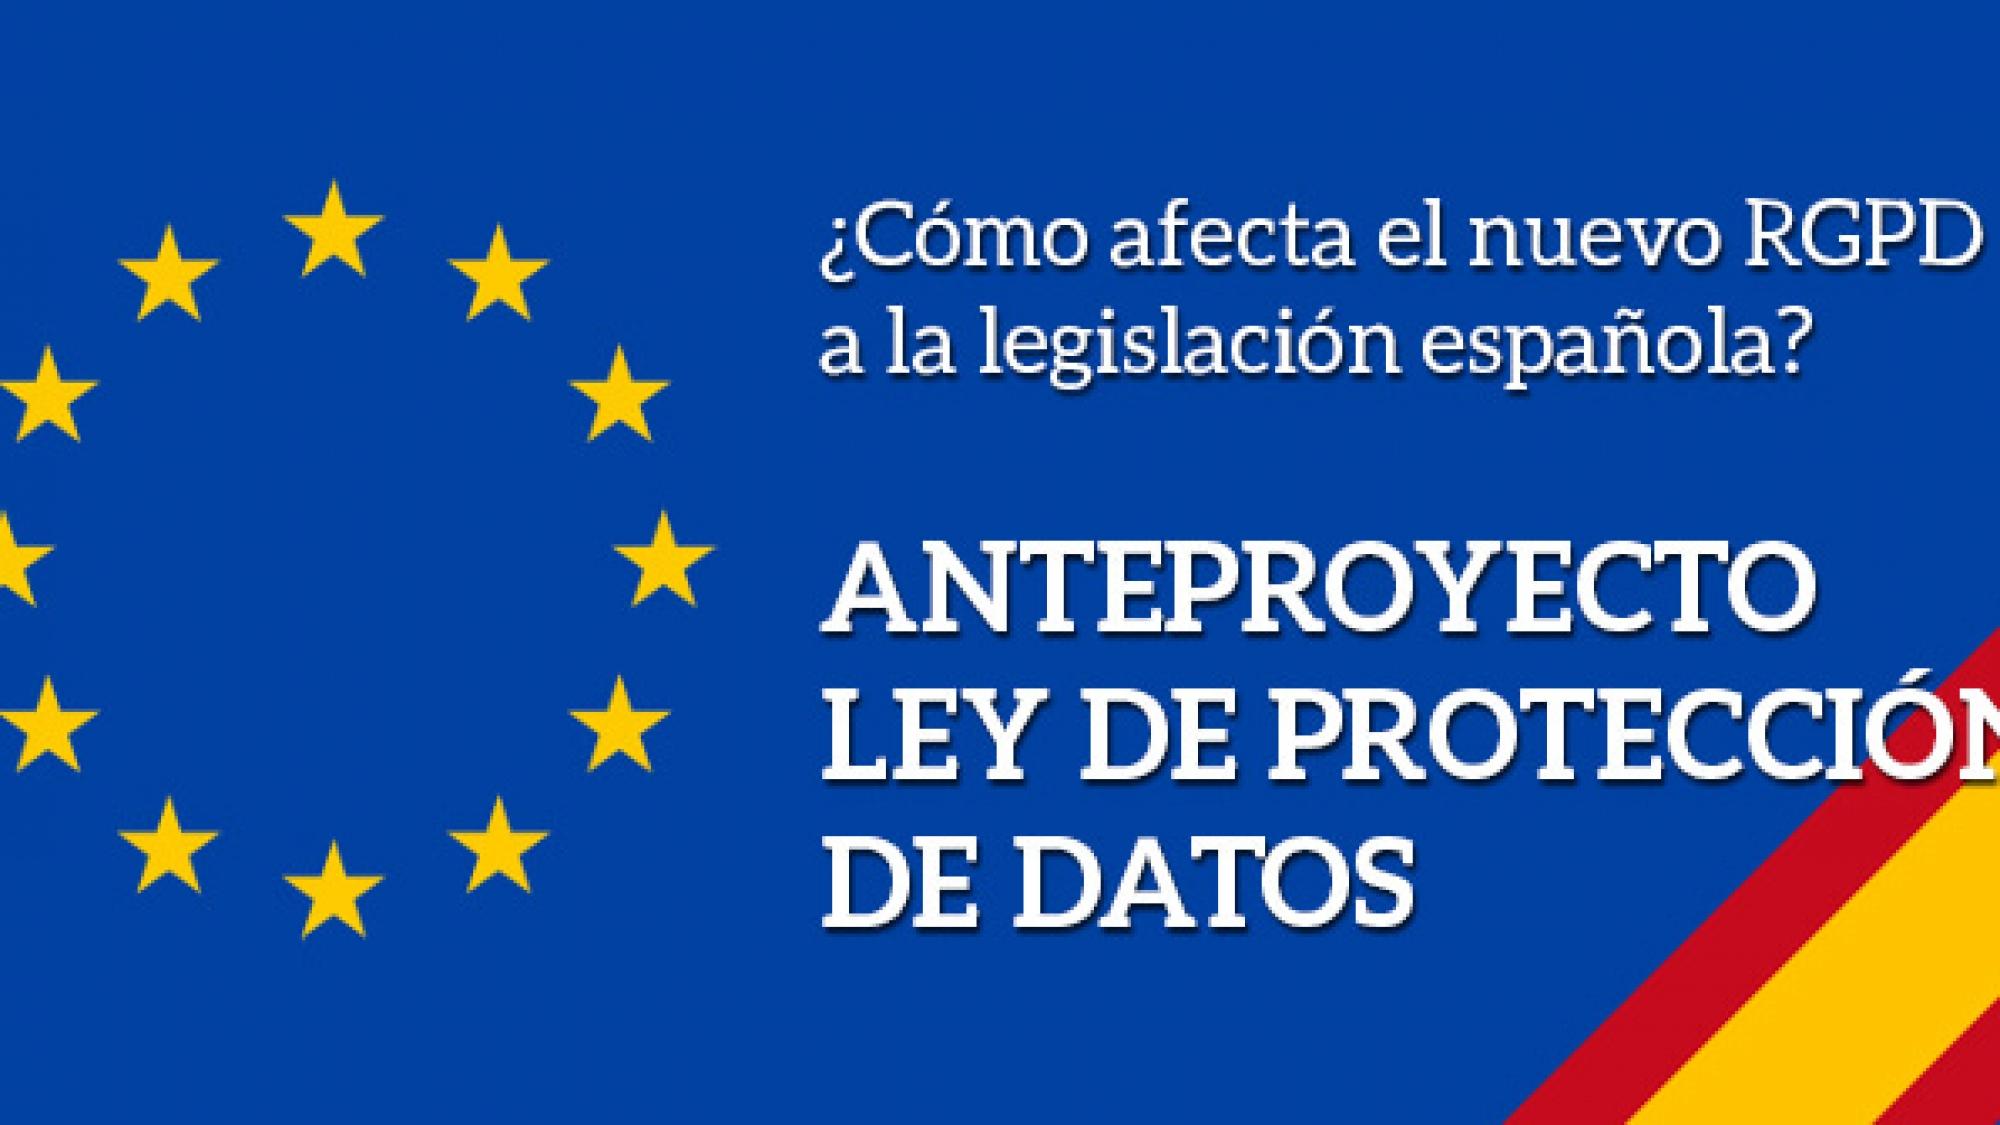 anteproyecto-ley-proteccion-de-datos